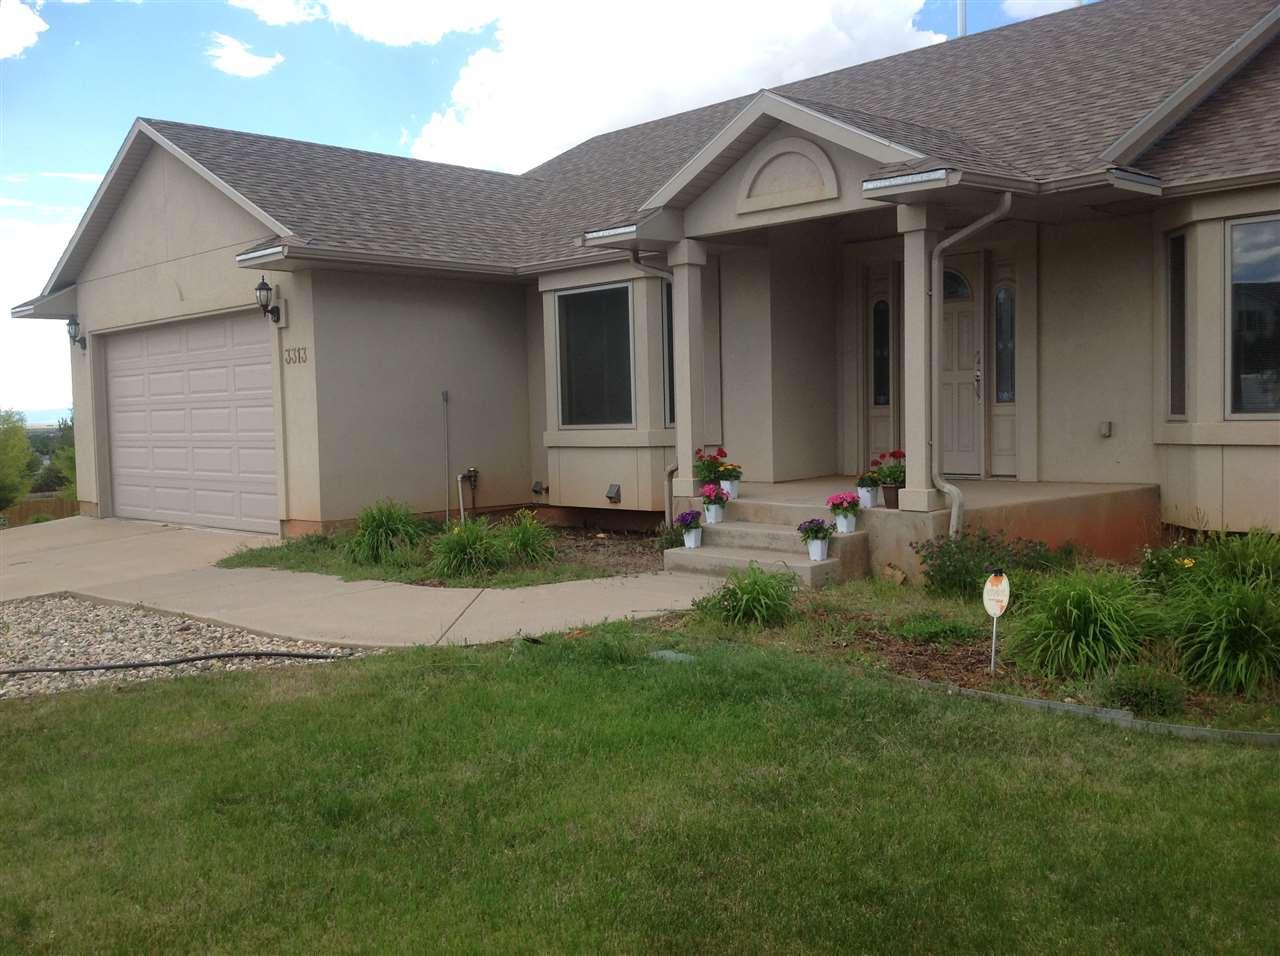 3313 Reynolds, Laramie, WY 82072